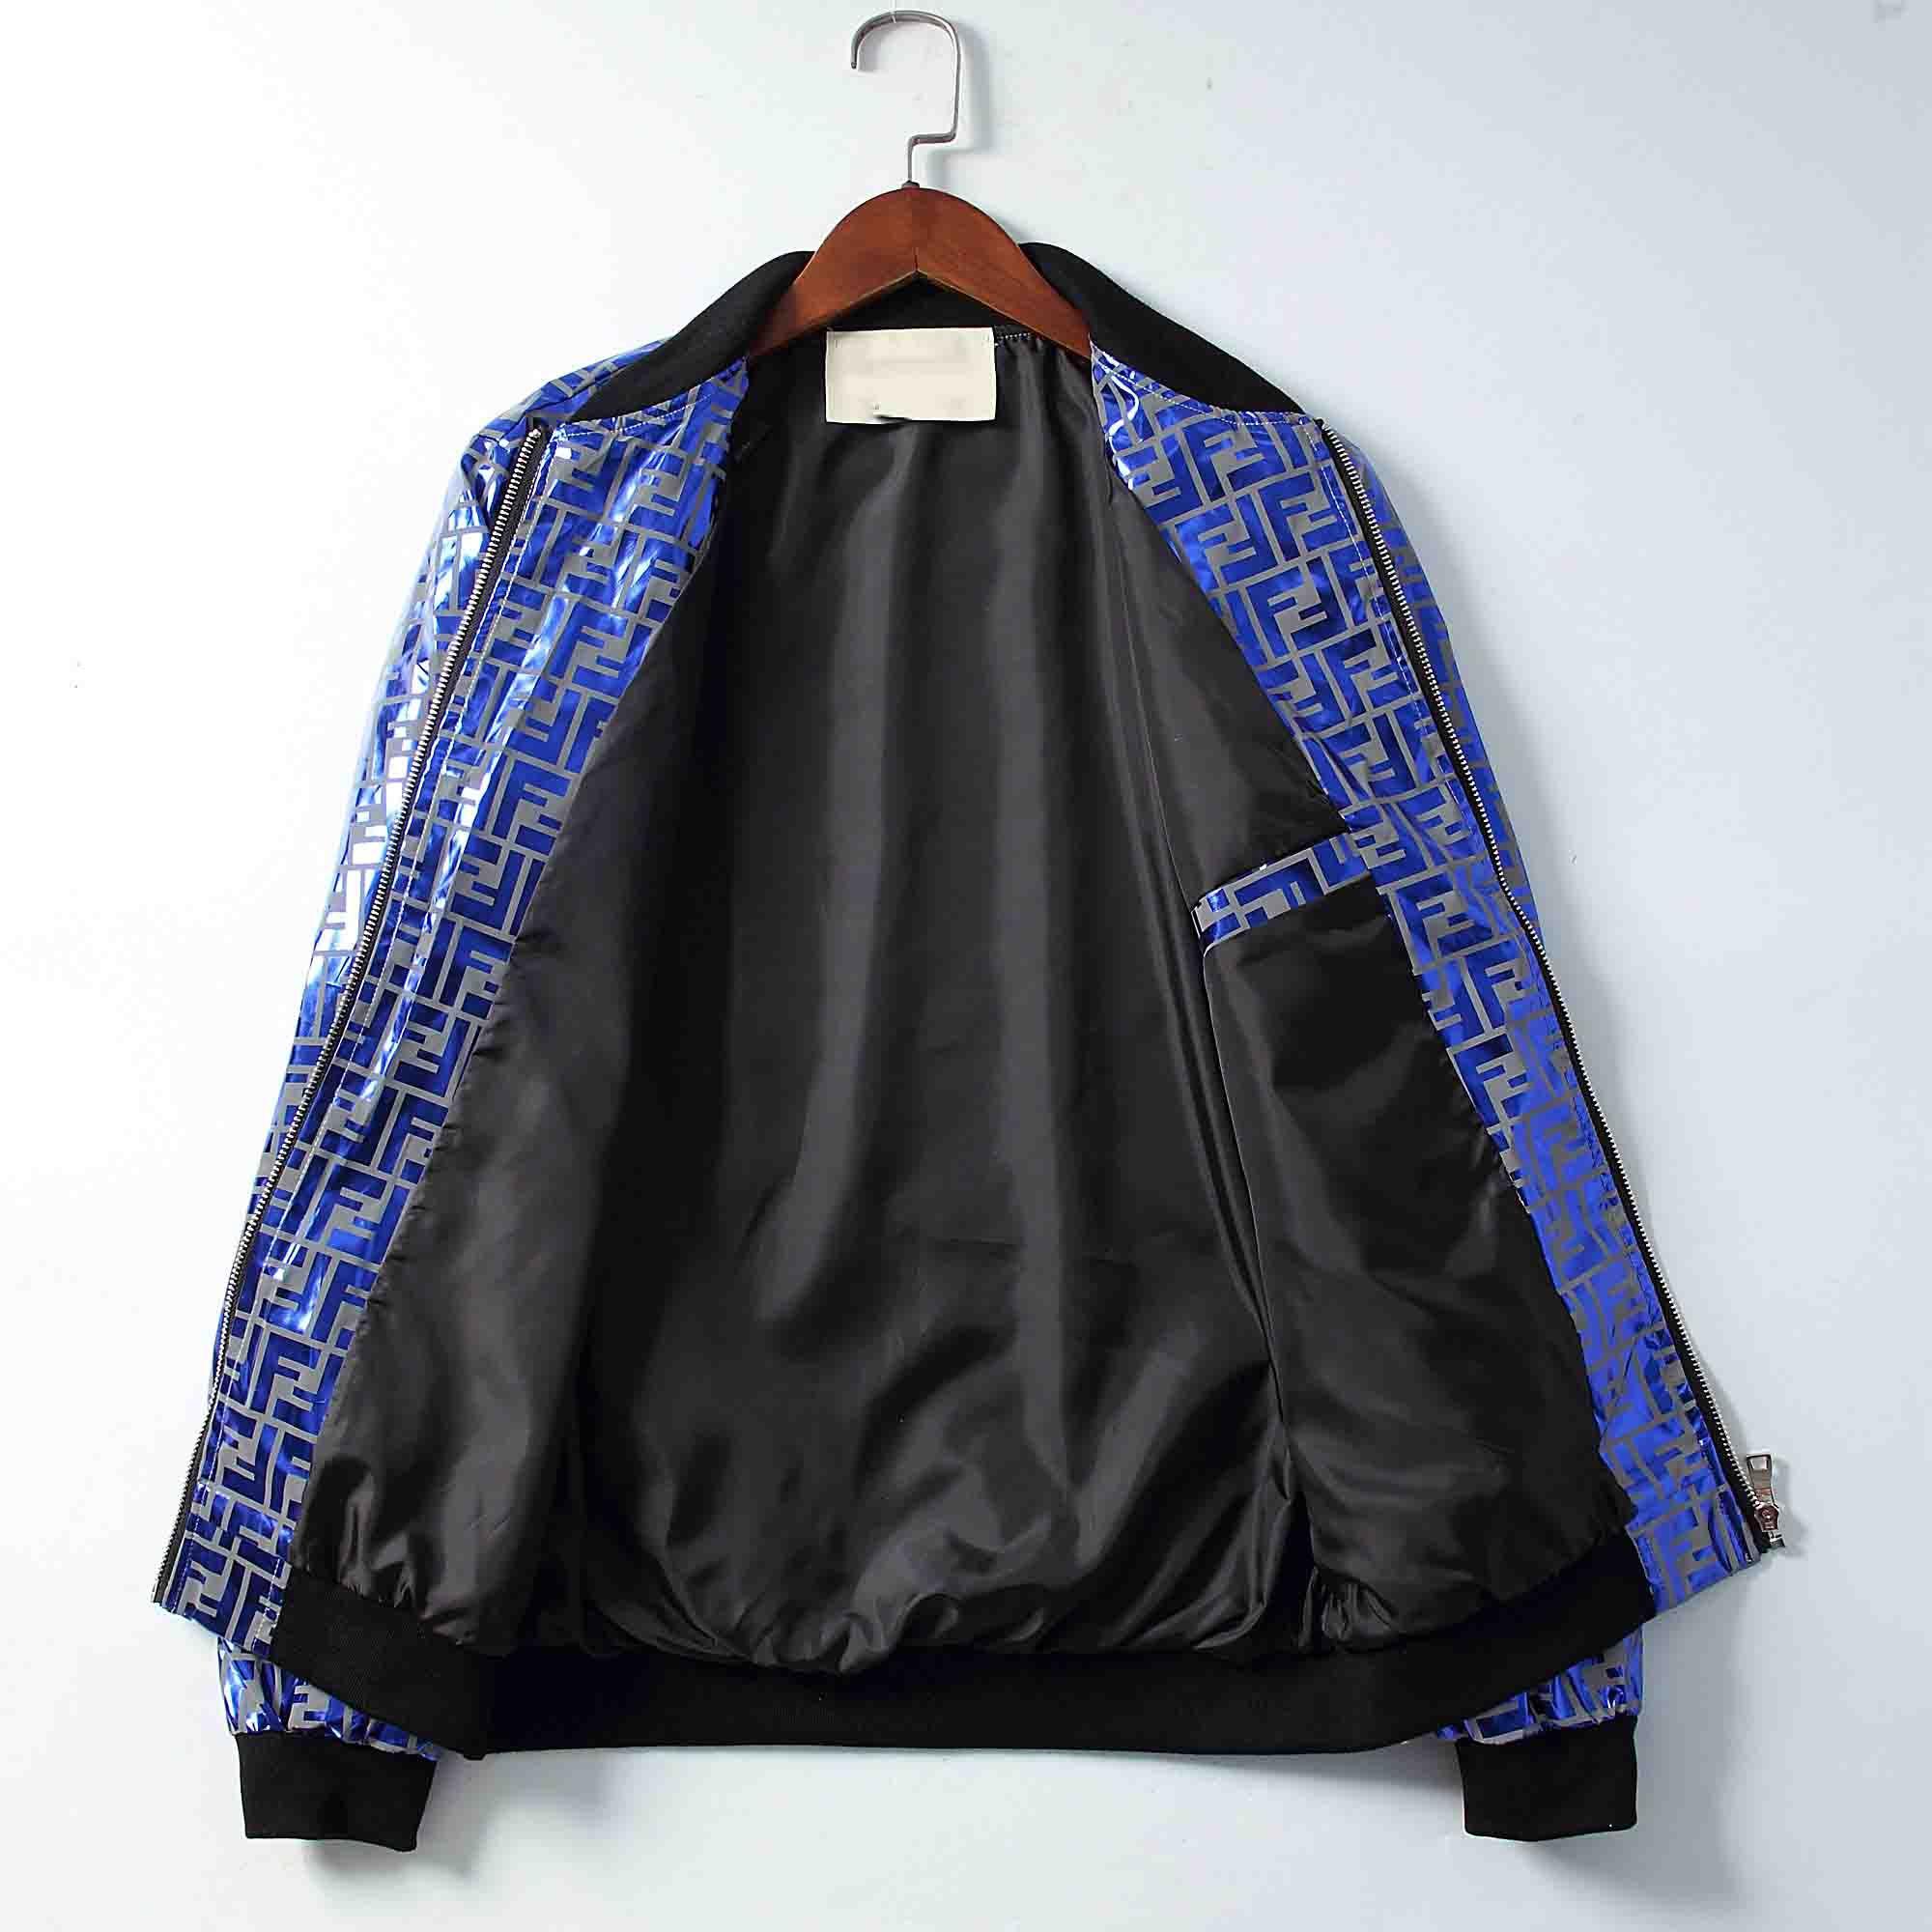 19 عاما من مصمم الأزياء brandmen دراجة نارية سترة طوق طية صدر السترة سليم الرجال عارضة الدنيم سترة الفاخرة الأزرق سترة قميص رجل